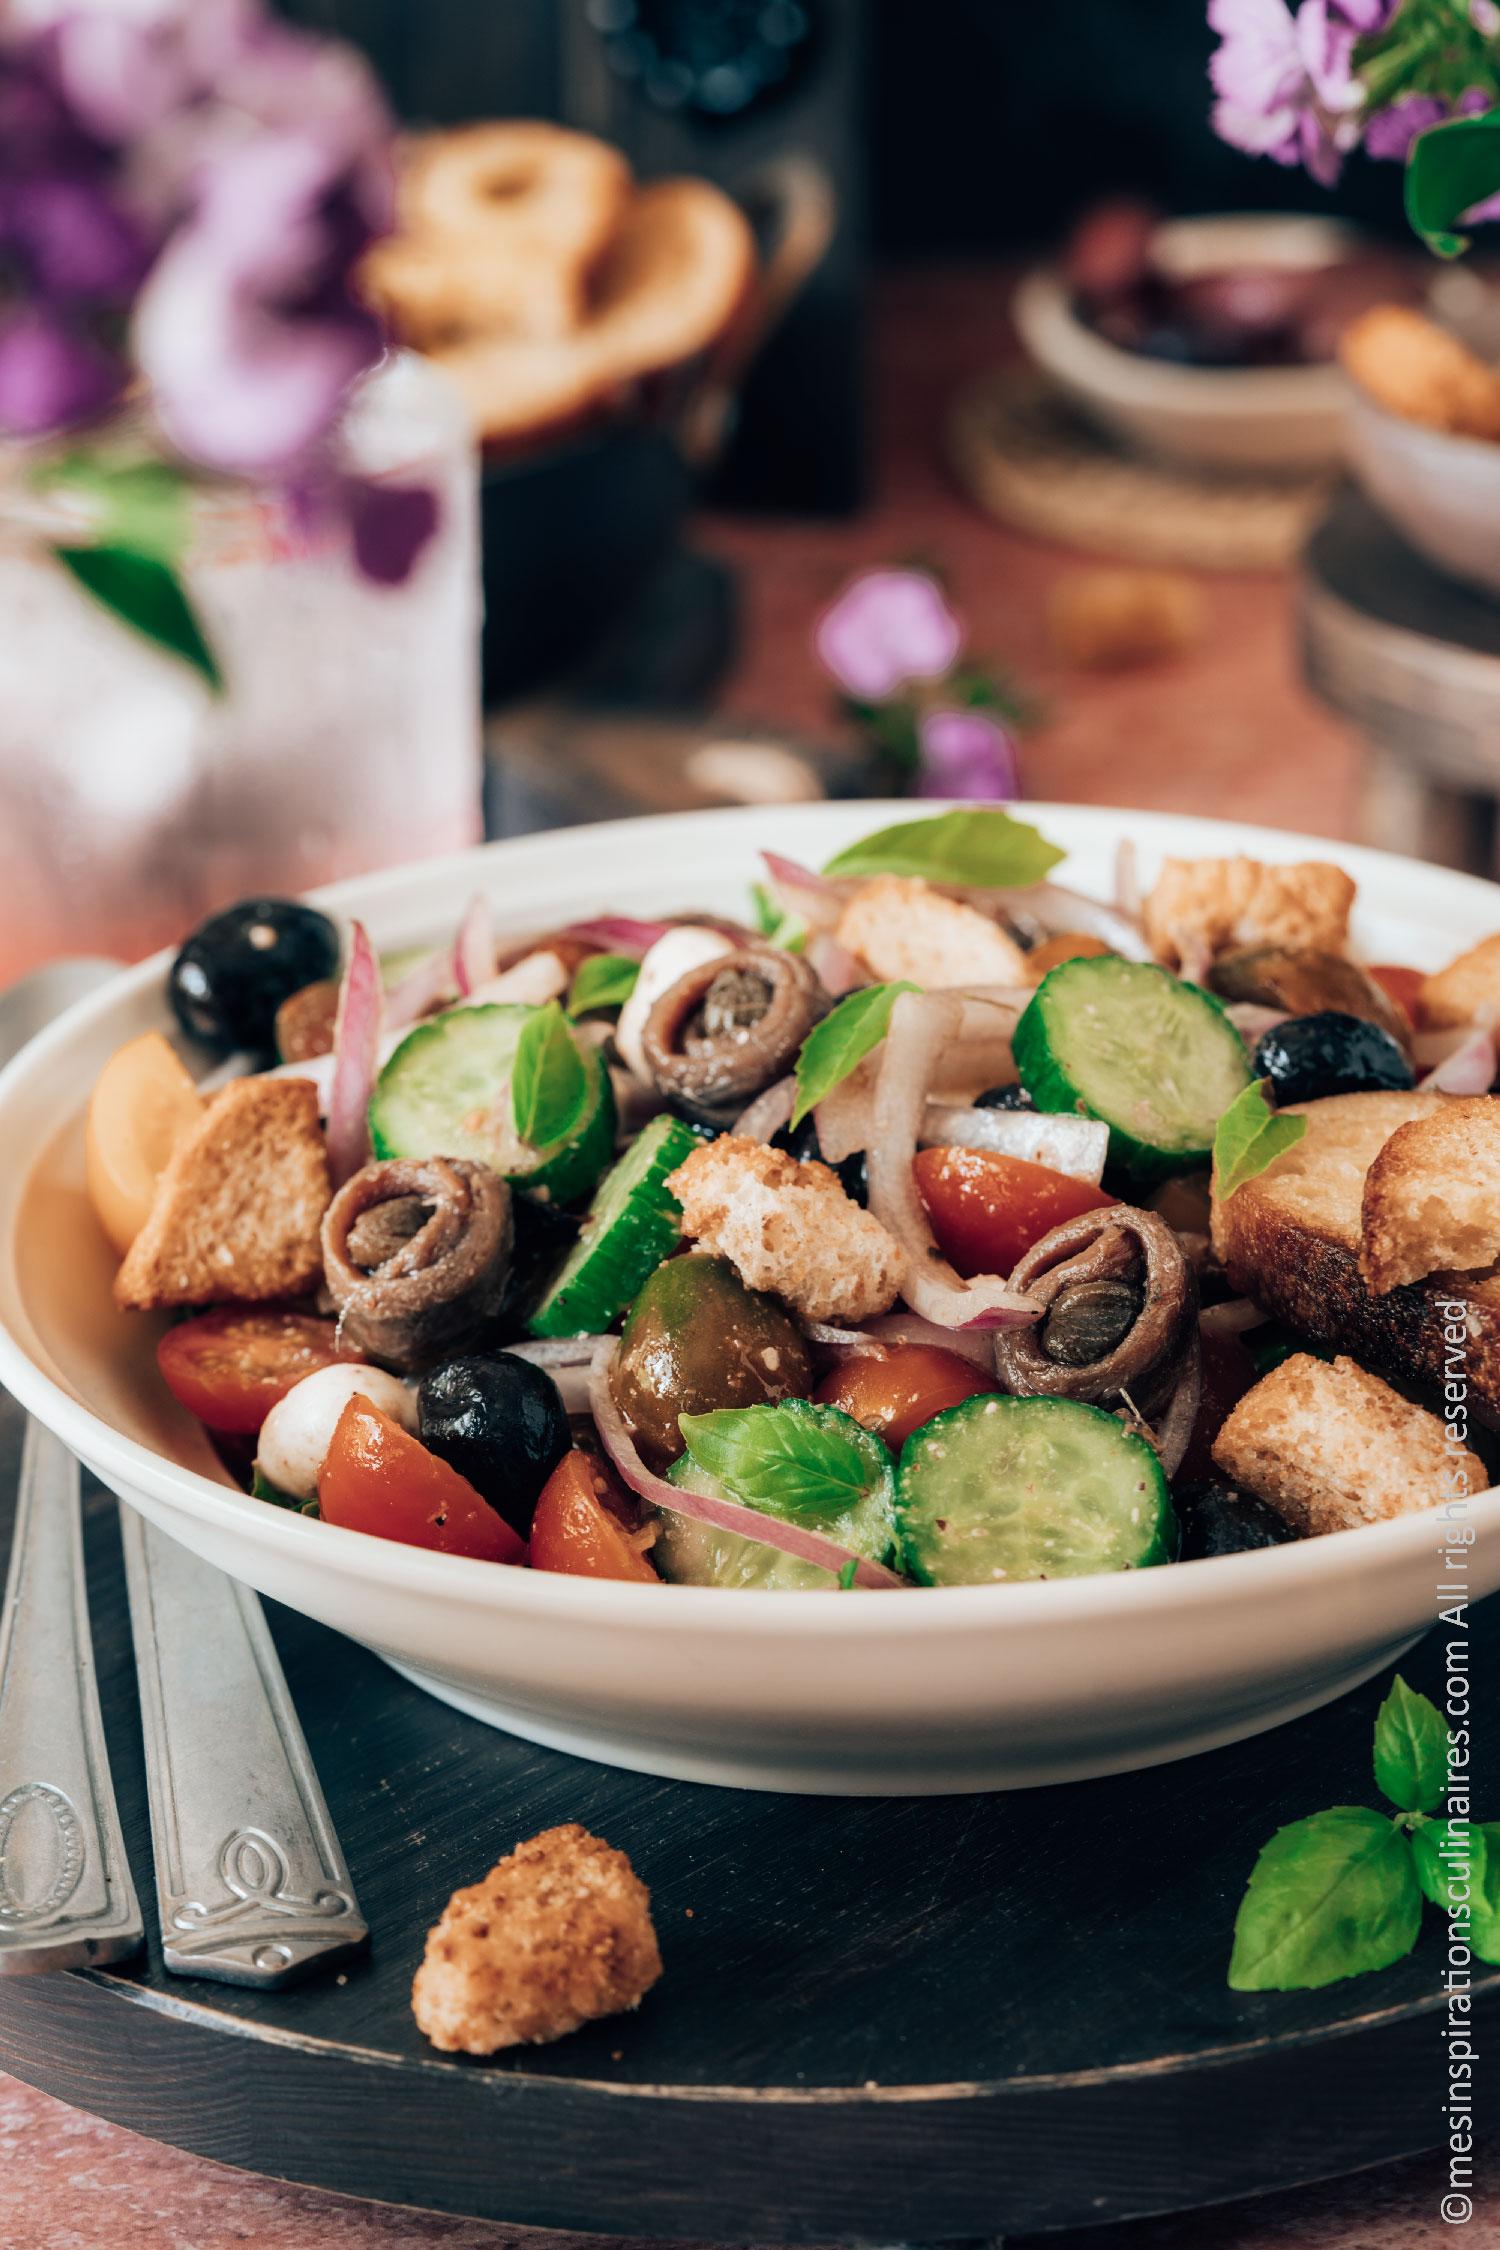 Recette de salade toscane aux tomates, concombres et pain rassis